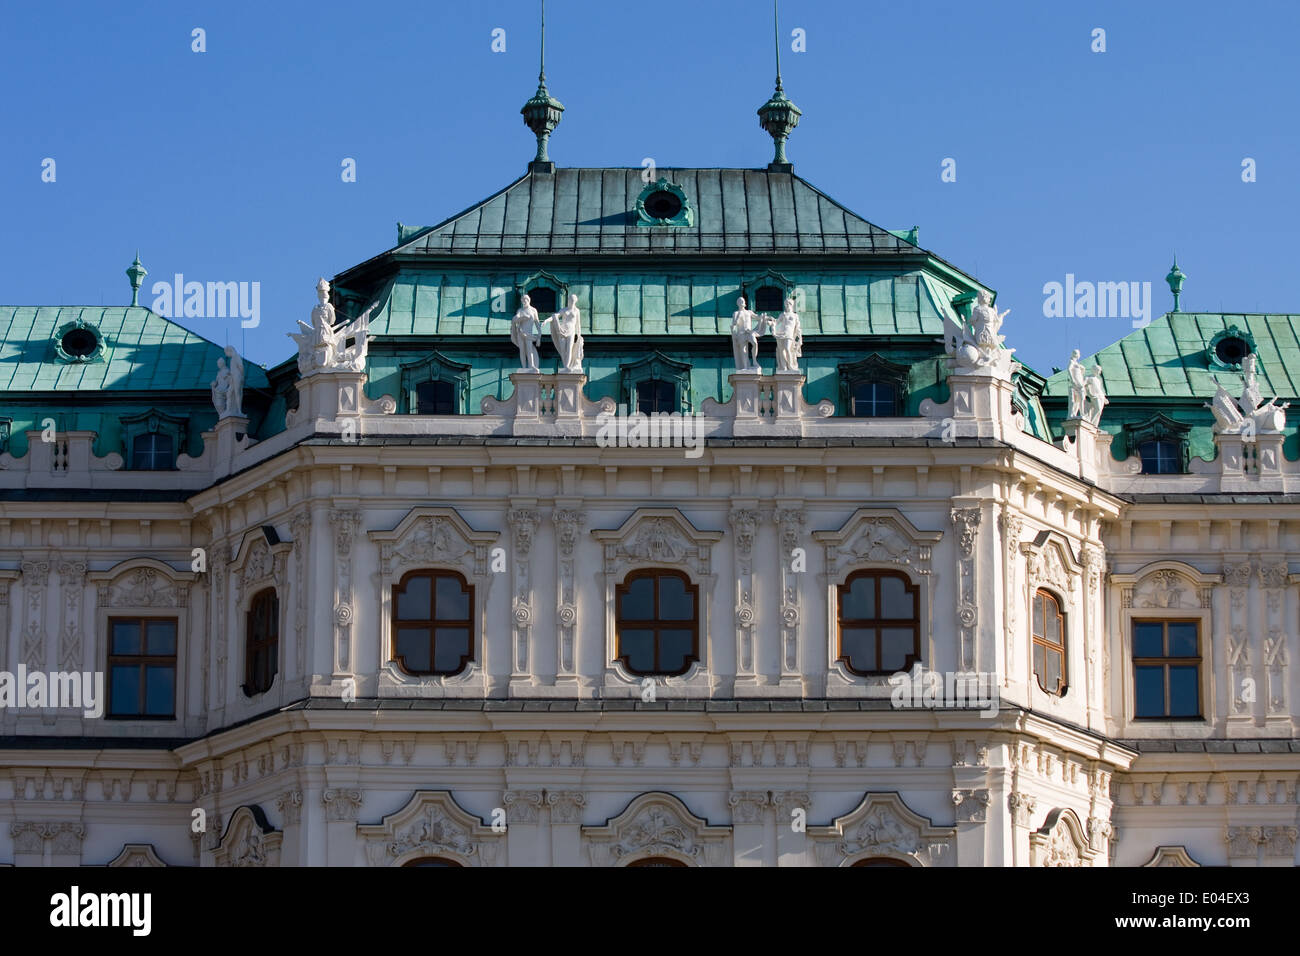 Detailaufnahme, Schloß Belvedere, Wien, Österreich - Stock Image